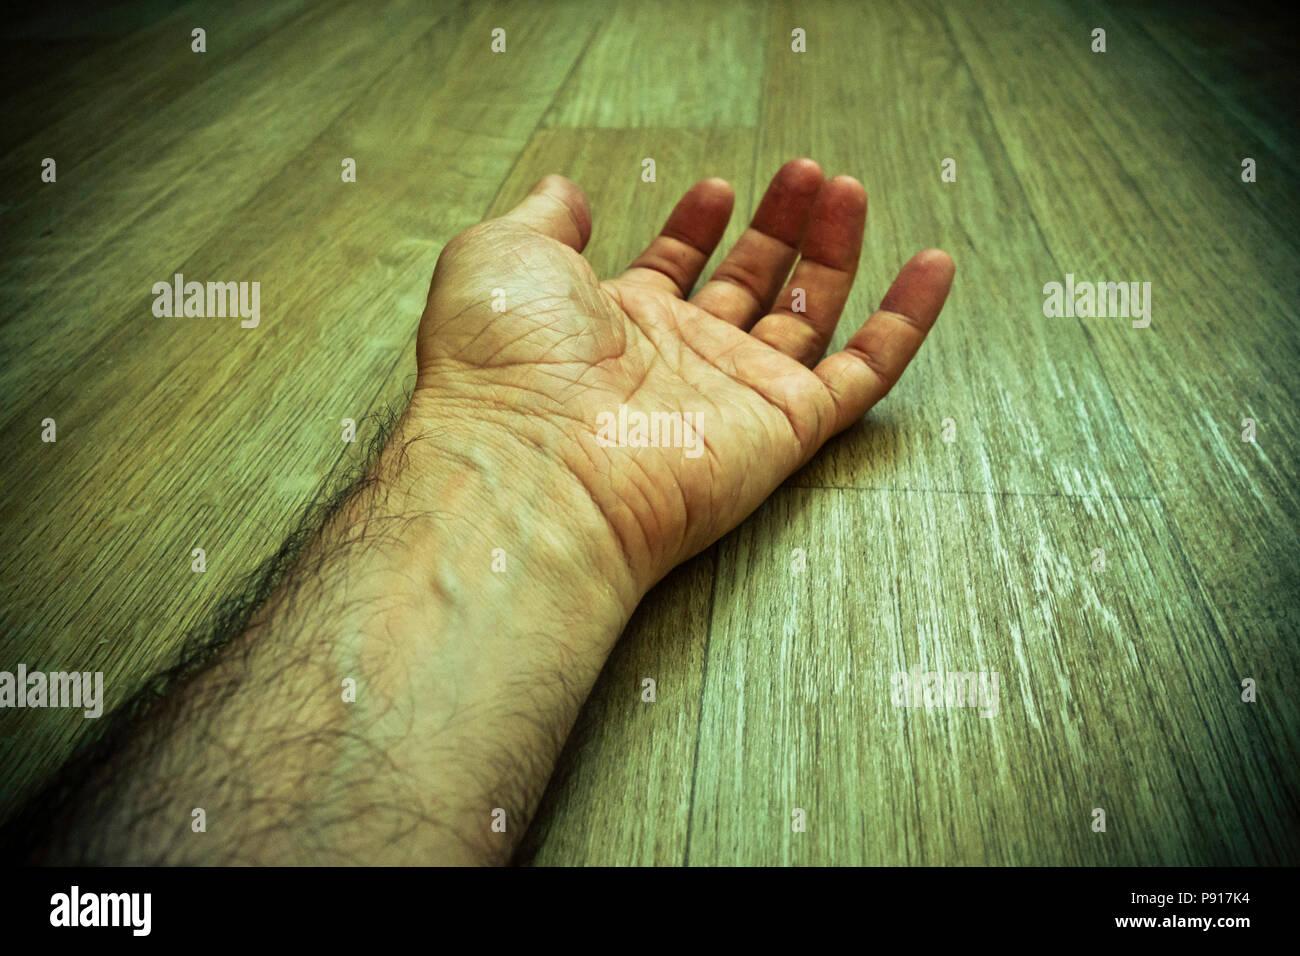 Les mains et bras gisant sur le sol, mort Photo Stock